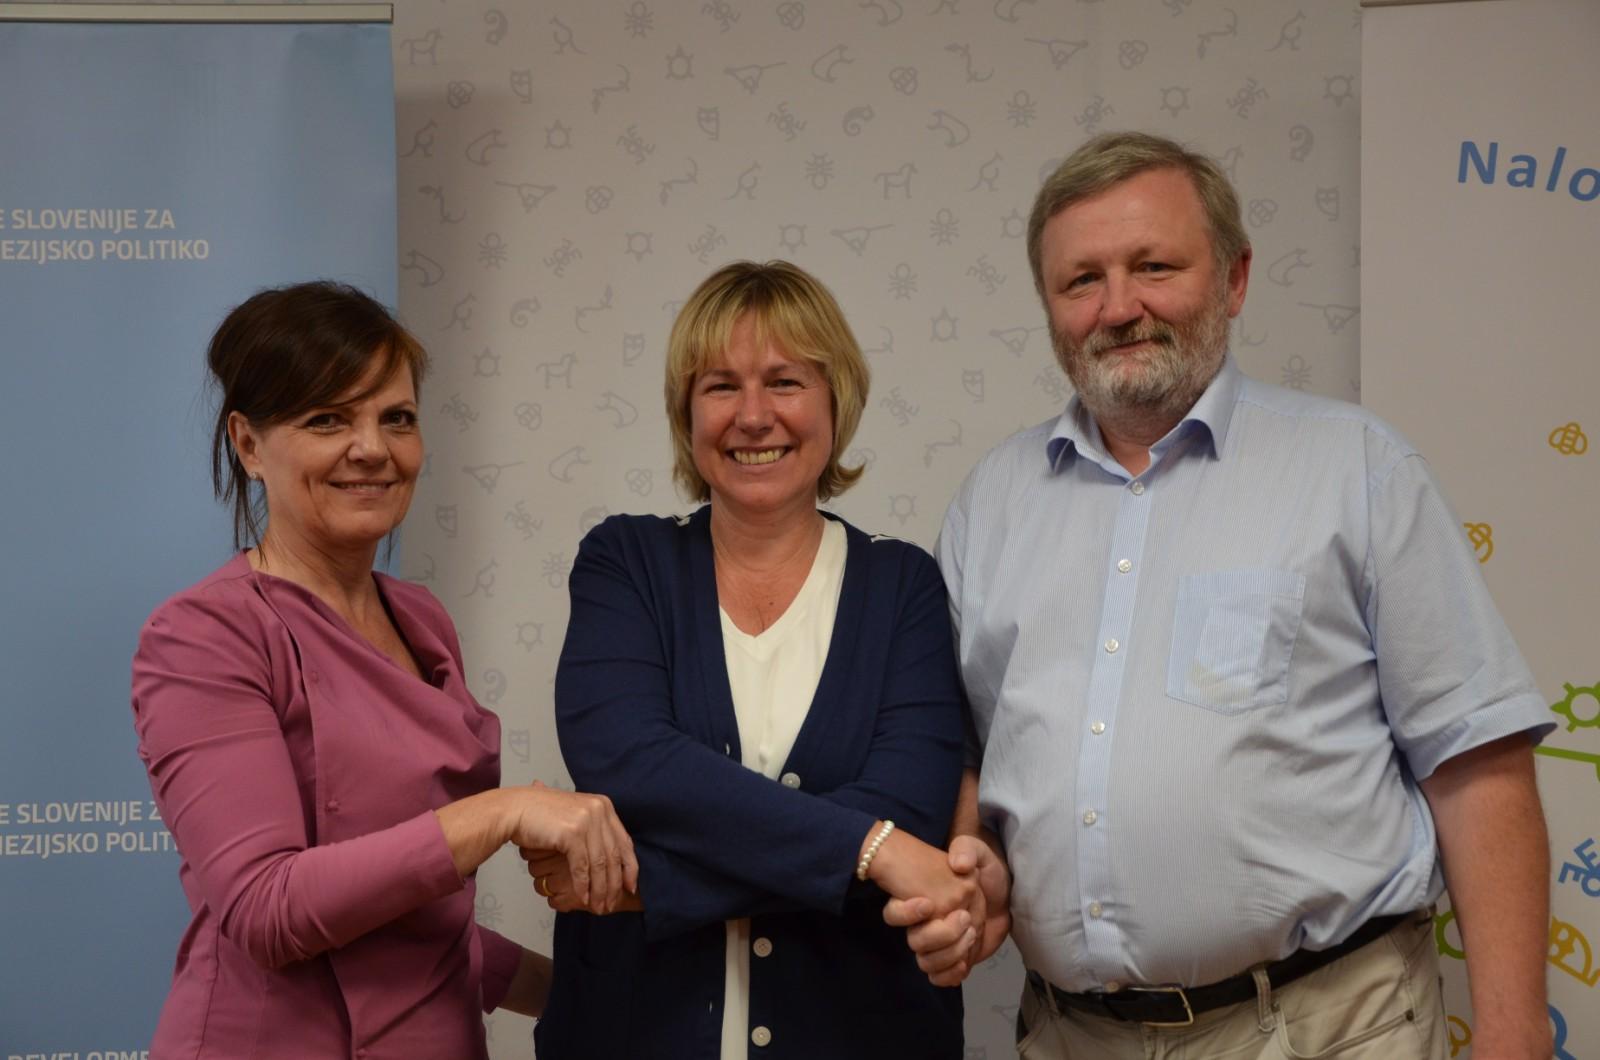 Podpisan sporazum o sodelovanju pri pogajanjih o evropski kohezijski politiki po 2020